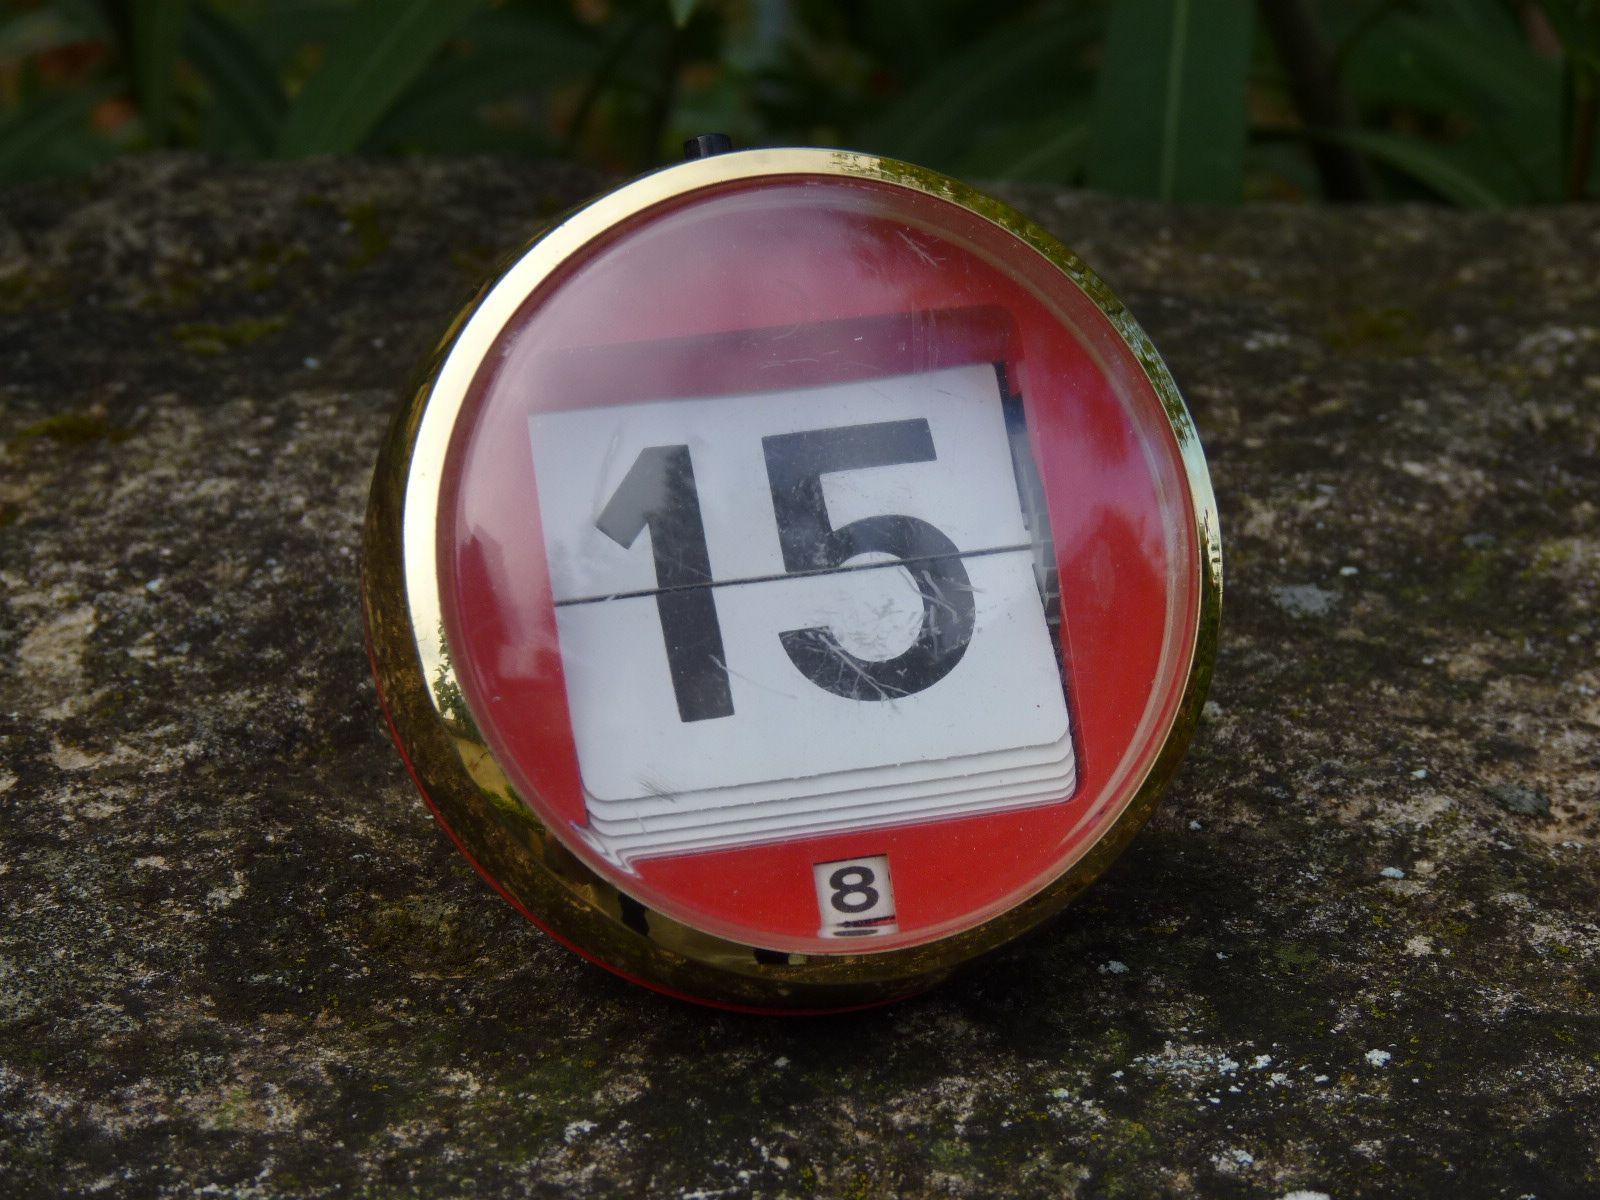 calendario-manual-rojo-vintage-mementosbcn-1